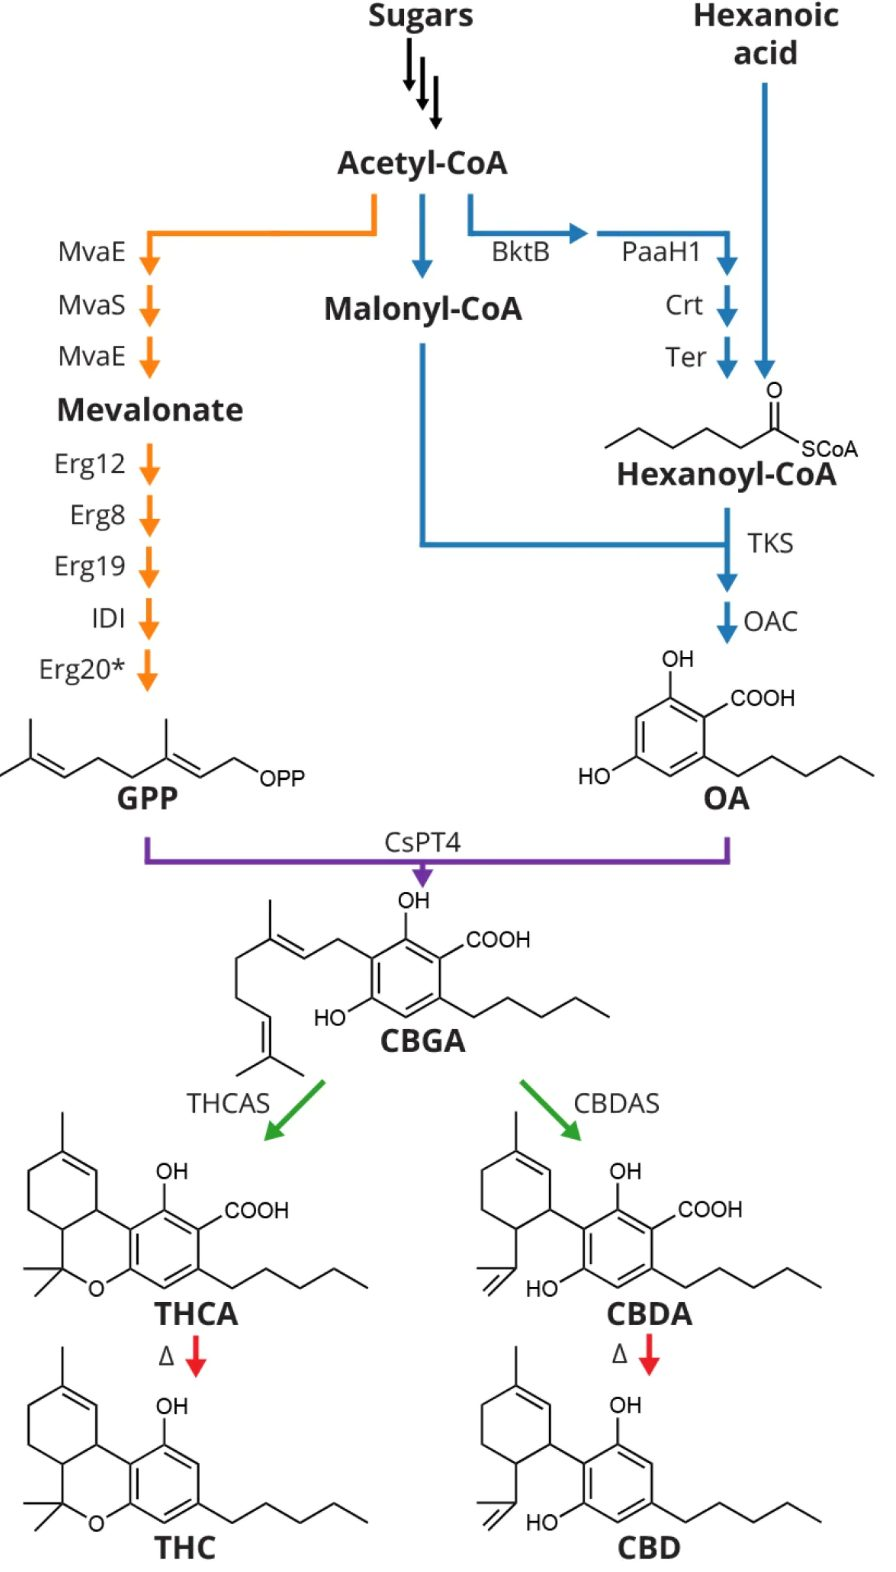 Figure 1. Voie biochimique recréée par Luo et al. (2019) au sein de souches de S. cerevisiae. (Jay Keasling lab, UC Berkeley)